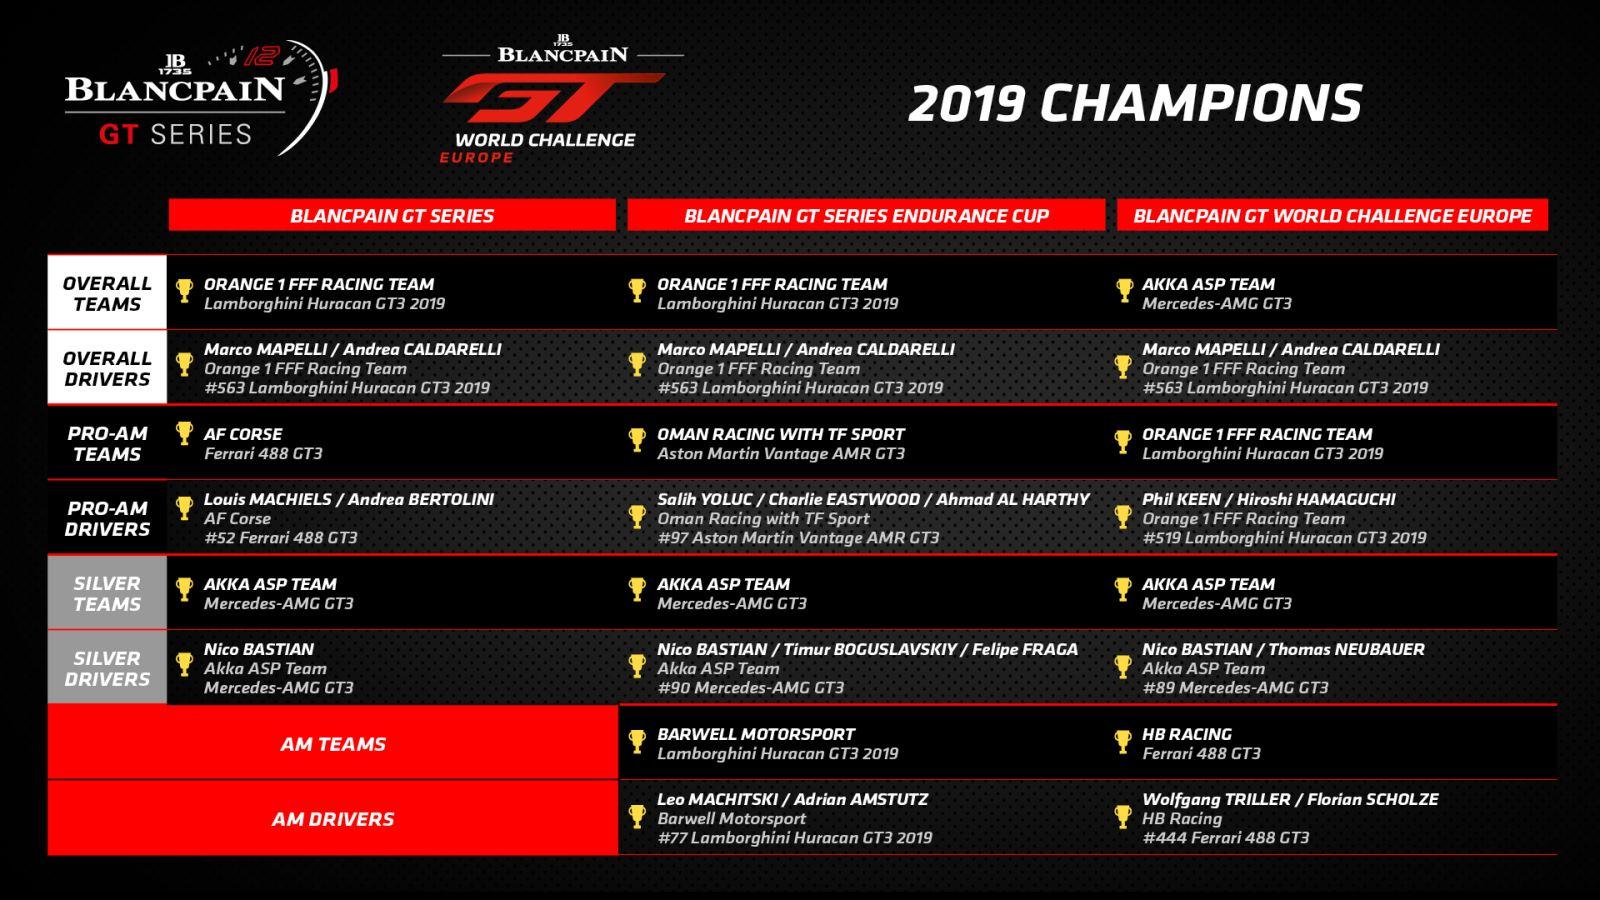 Les titres de champions du Blancpain GT Challenge Europe